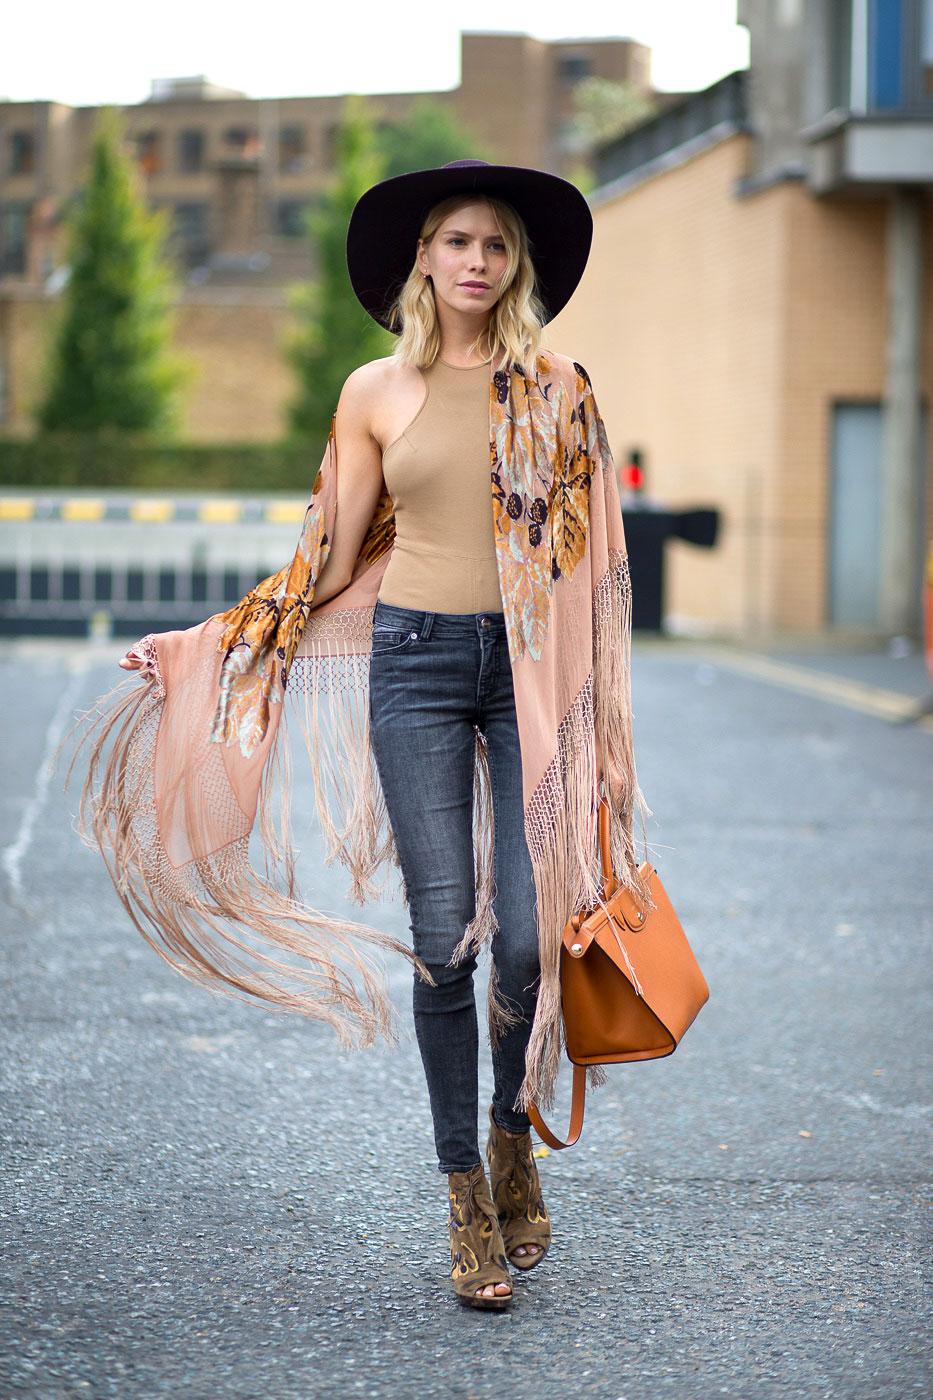 Шляпа с полями и роскошный платок составят прекрасный стиль бохо